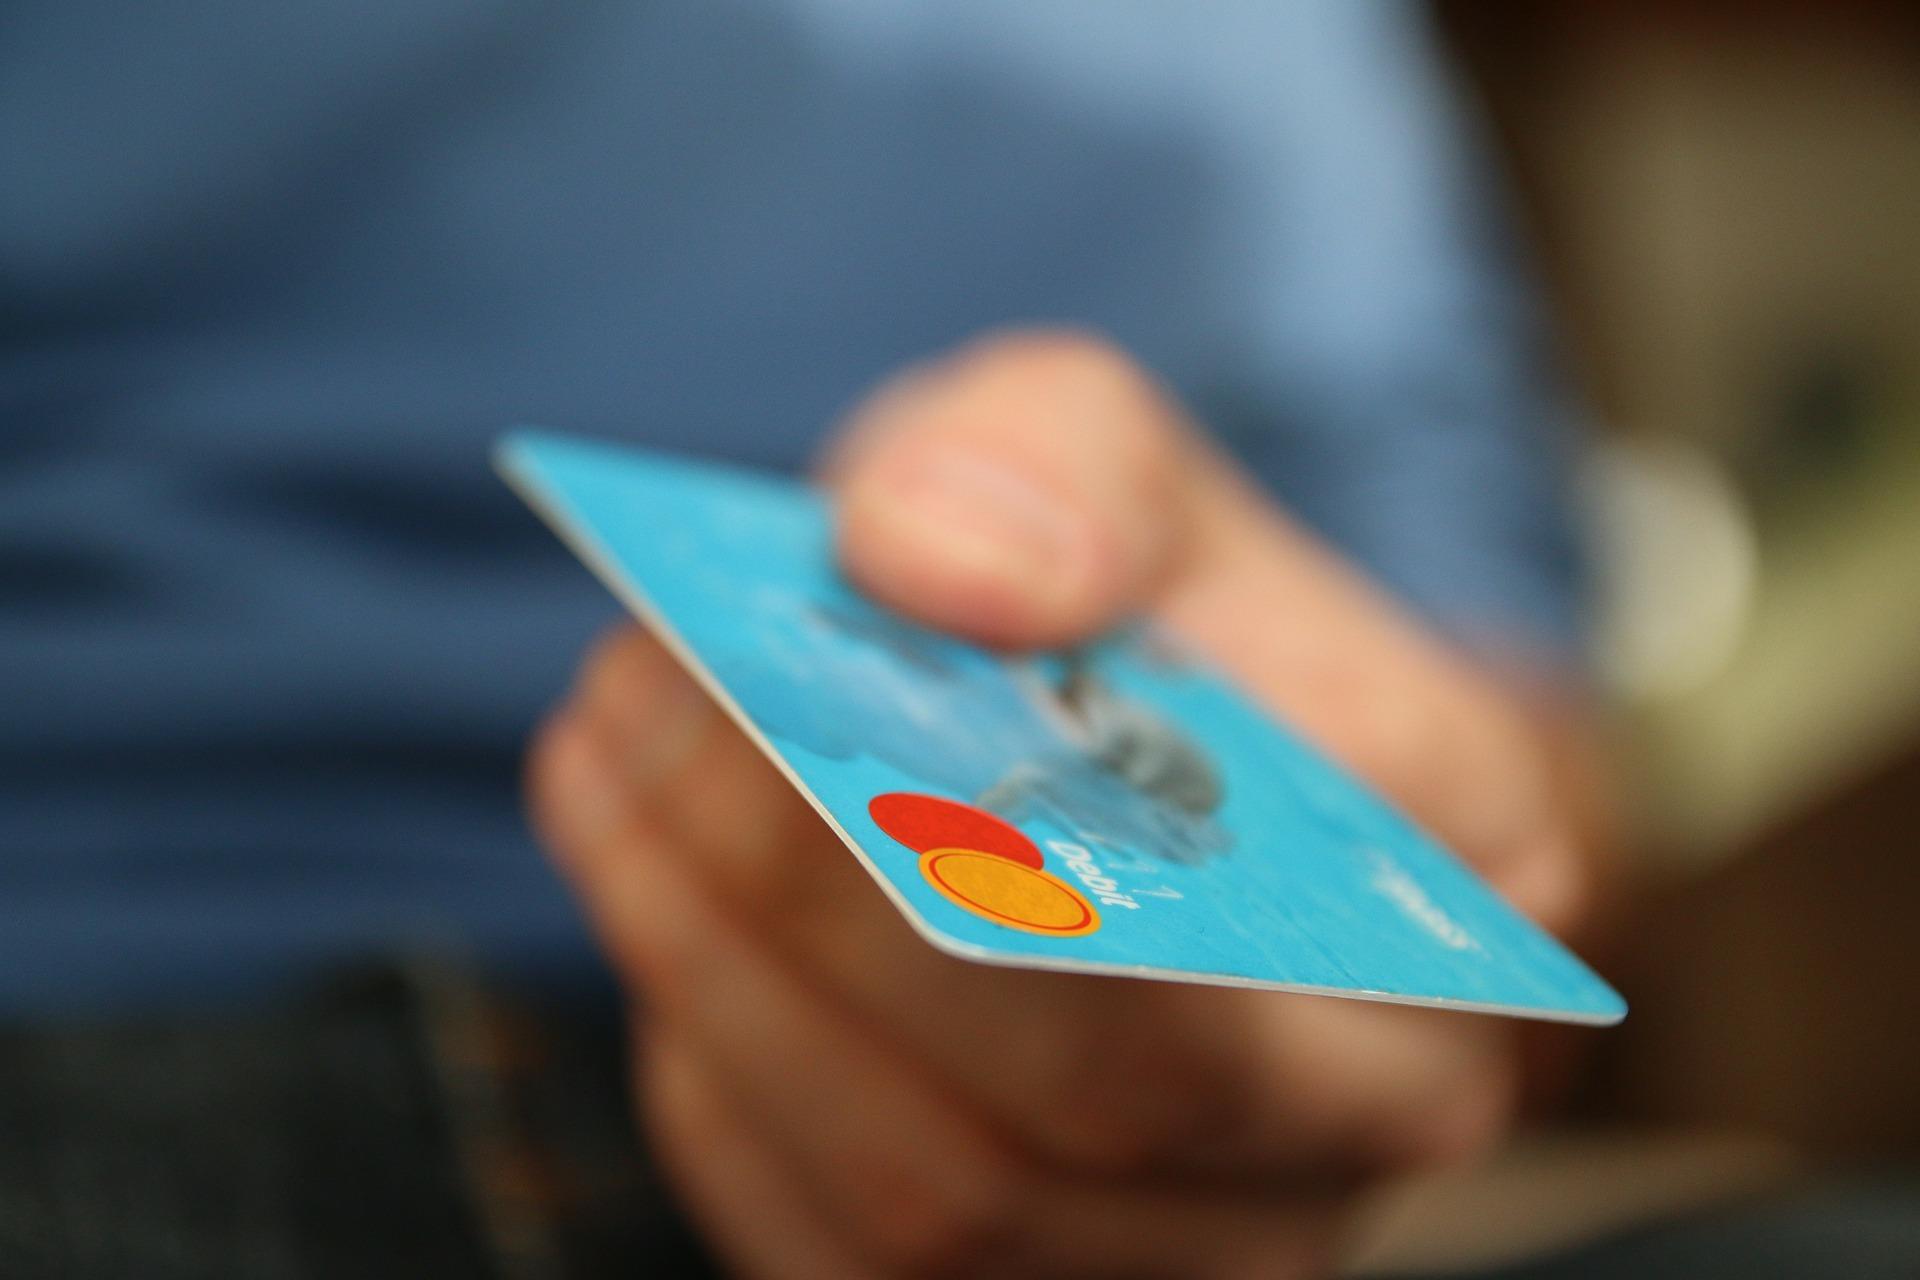 PChome攜手合作玉山銀行,挑戰LINE點數霸主地位